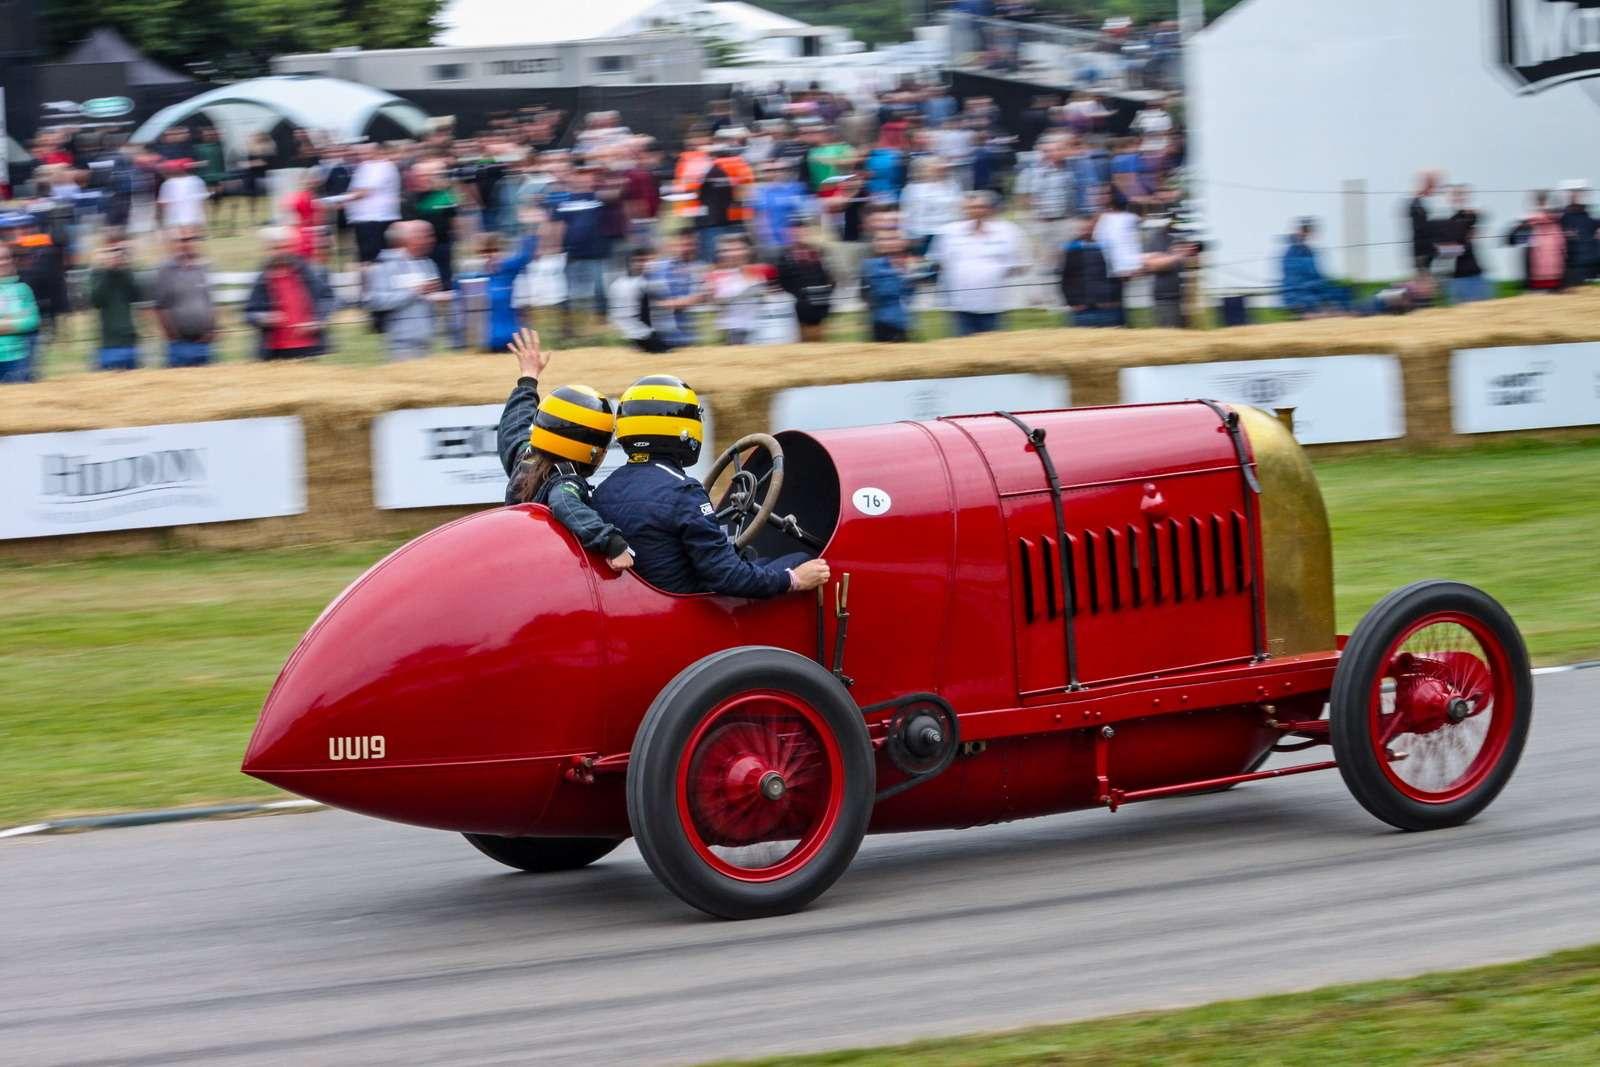 Лучшее автомобильное шоу вмире. Репортаж сФестиваля скорости— фото 780609